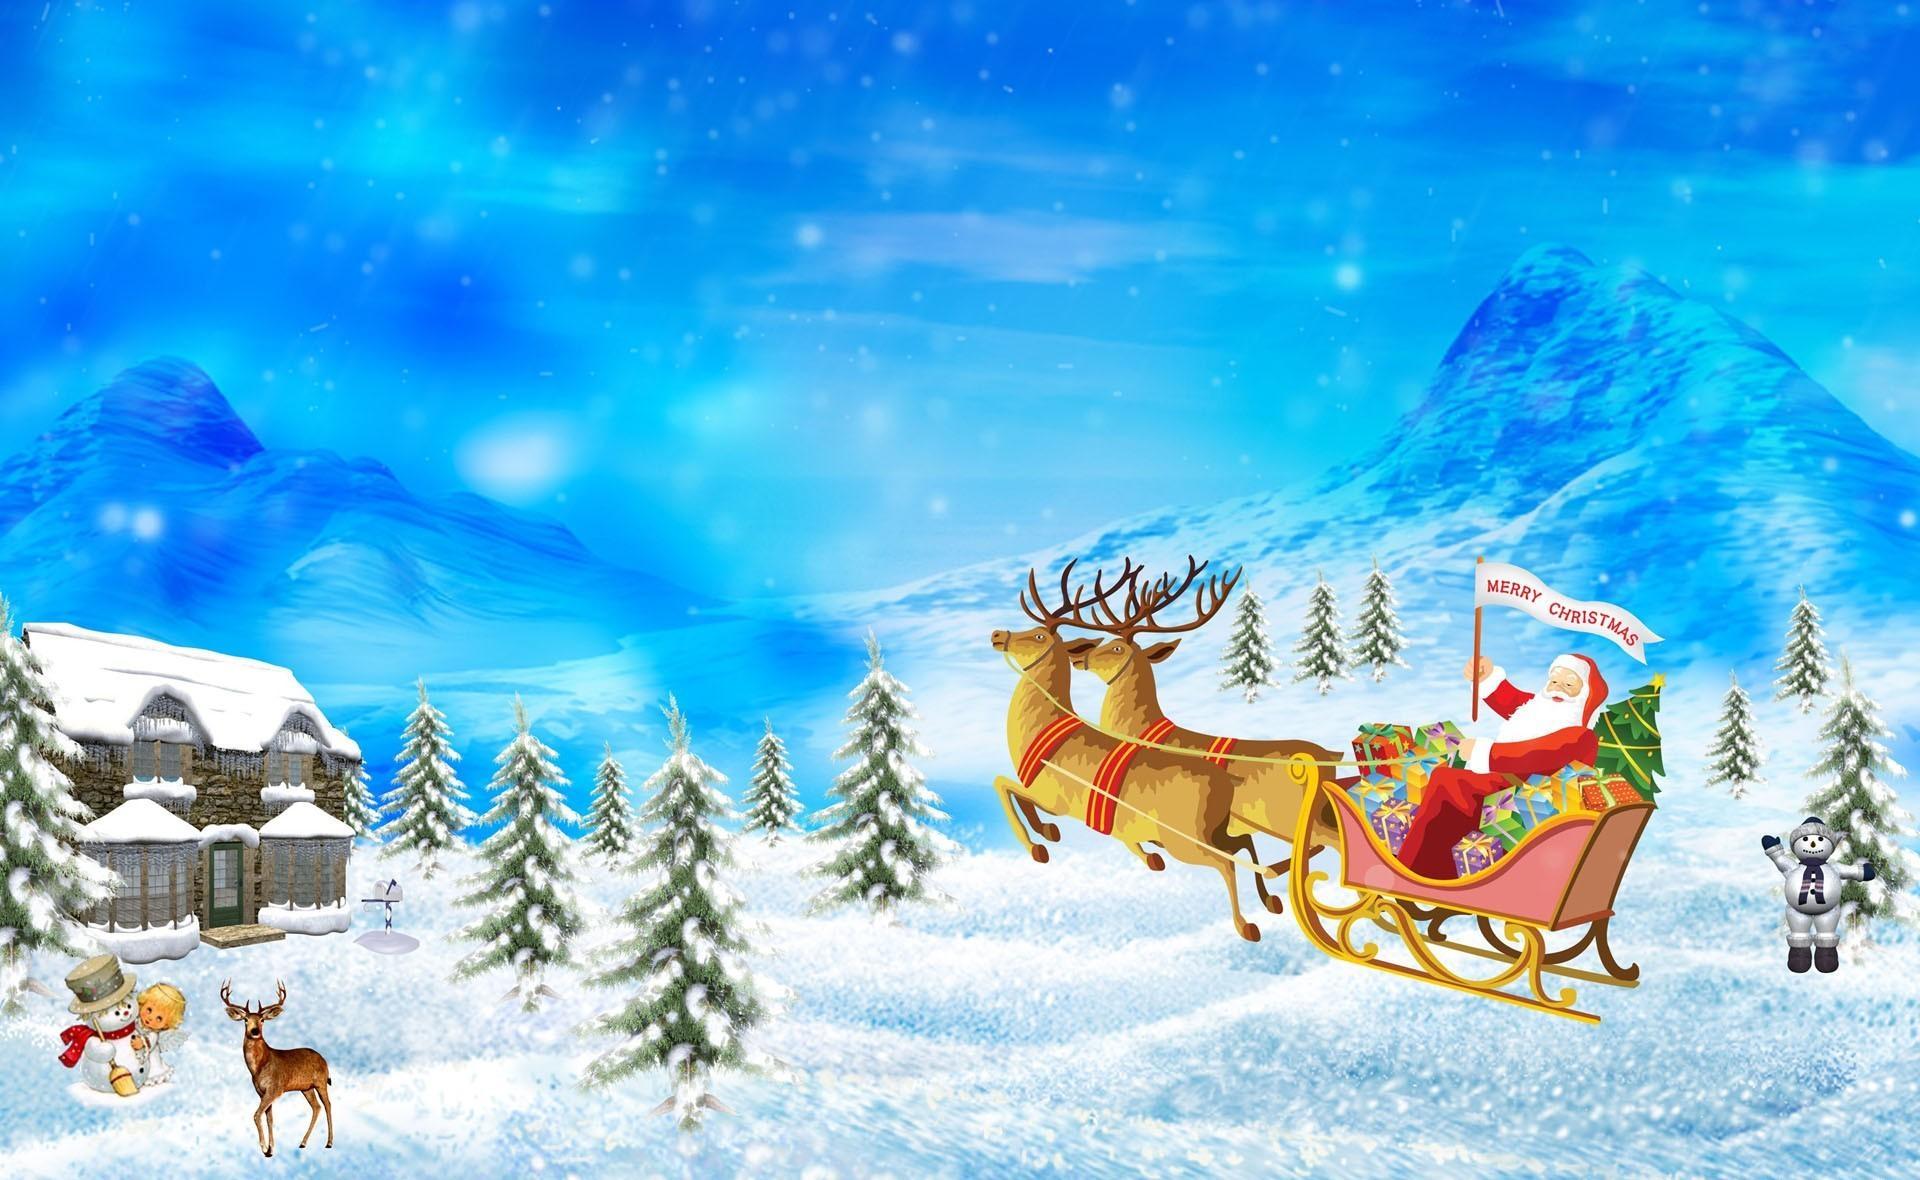 Fond D écran Vacances De Noël: Fond D'écran : Père Noël, Renne, Traîneau, Cadeaux